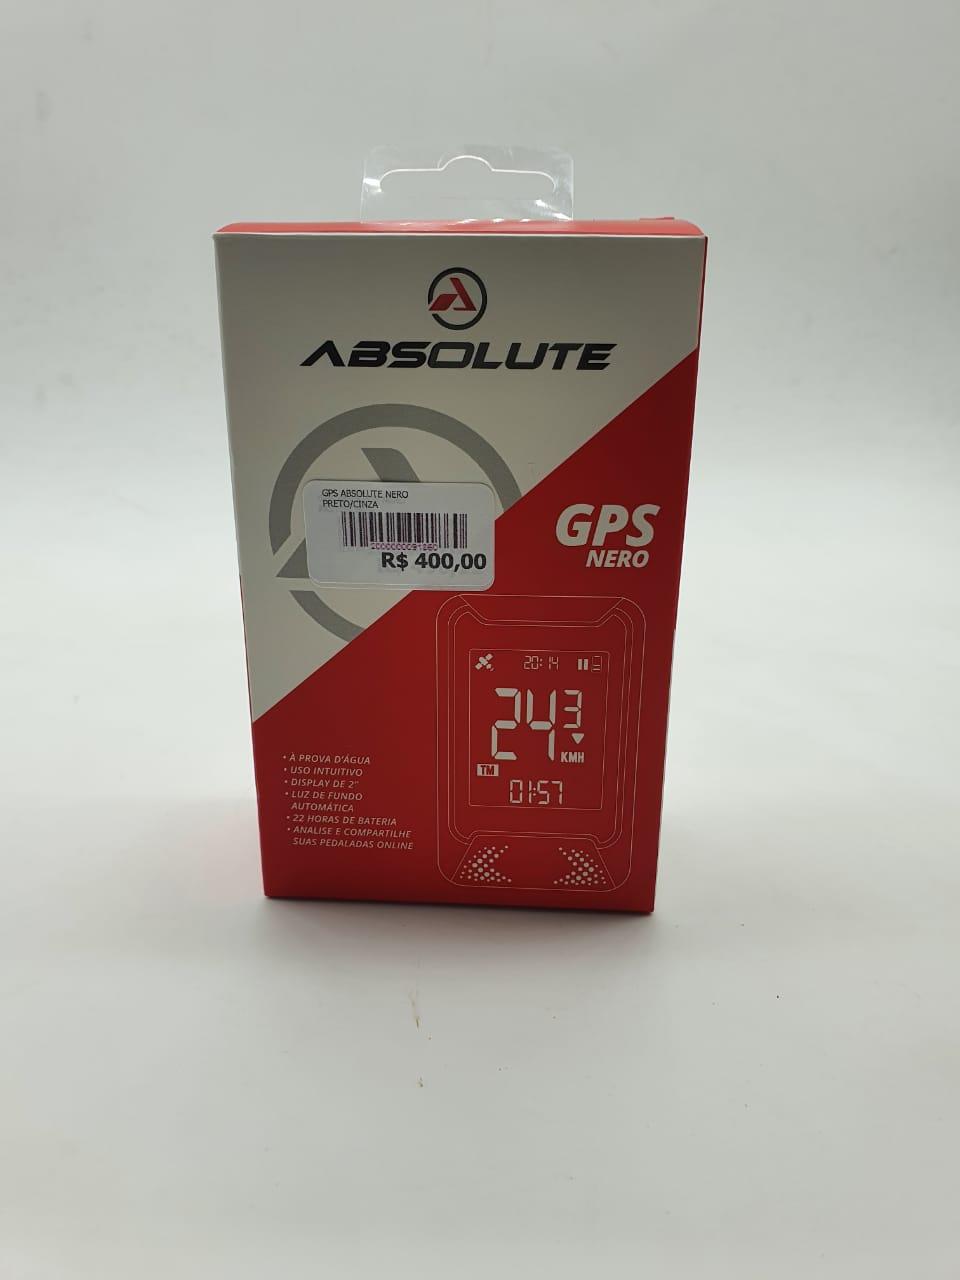 GPS ABSOLUTE NERO PRETO/CINZA